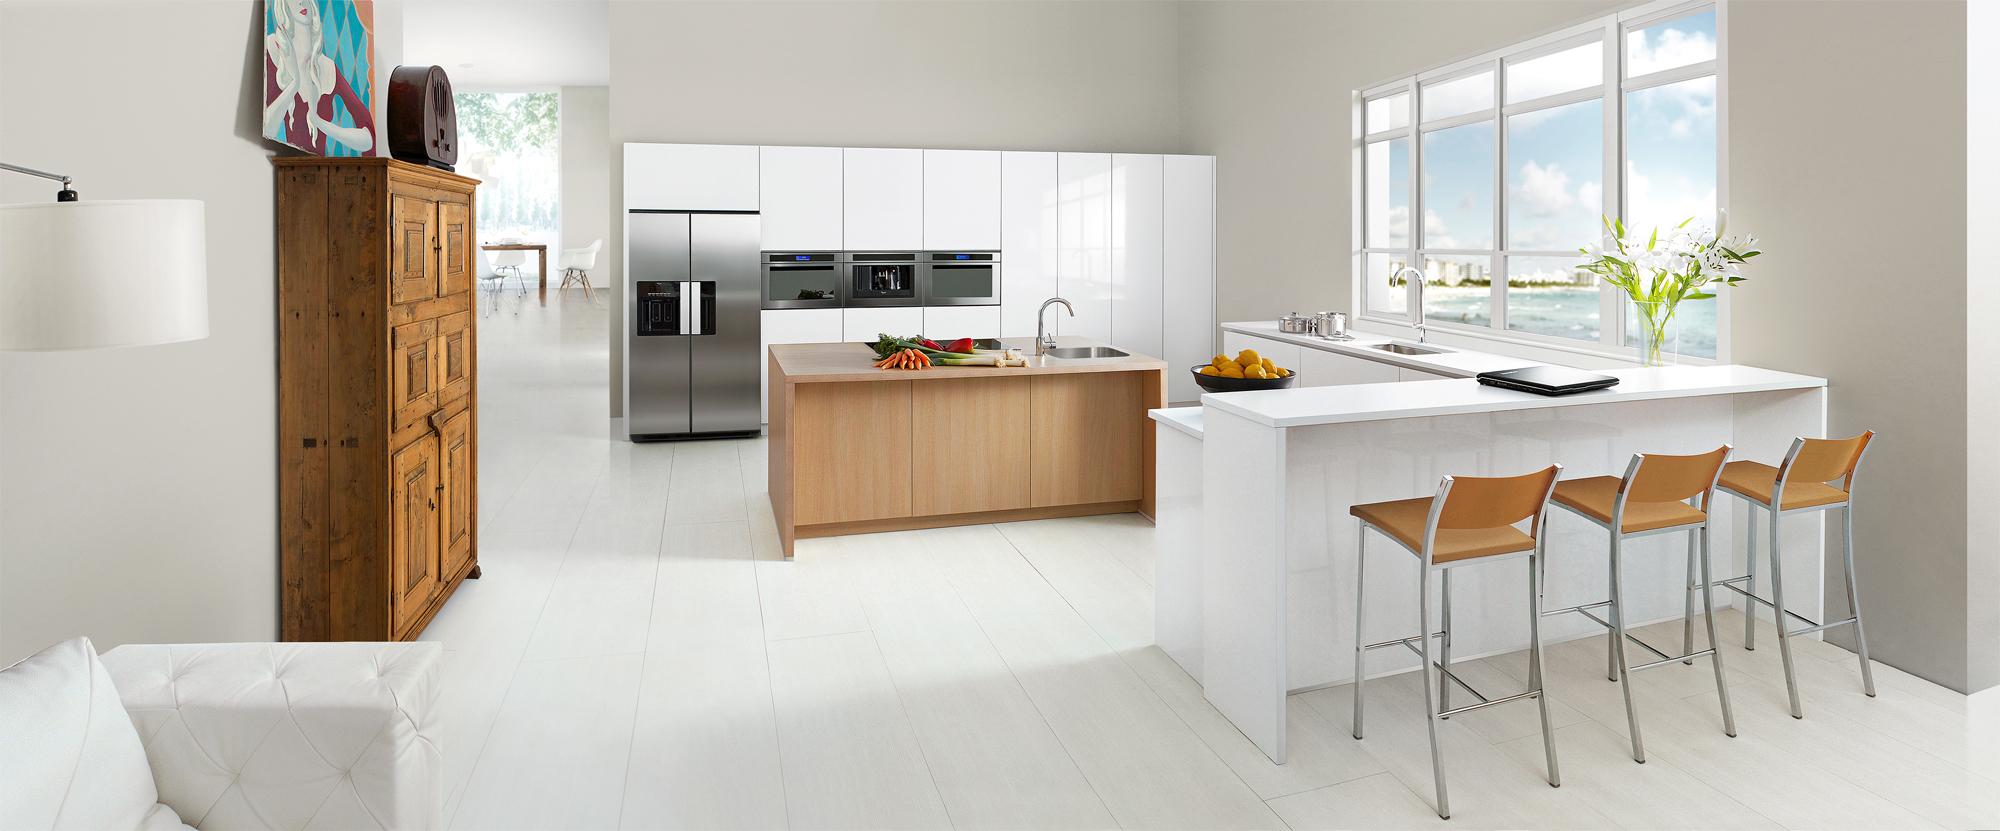 Rh cocinas creativas f brica de cocinas en le n for Aplicacion para disenar cocinas